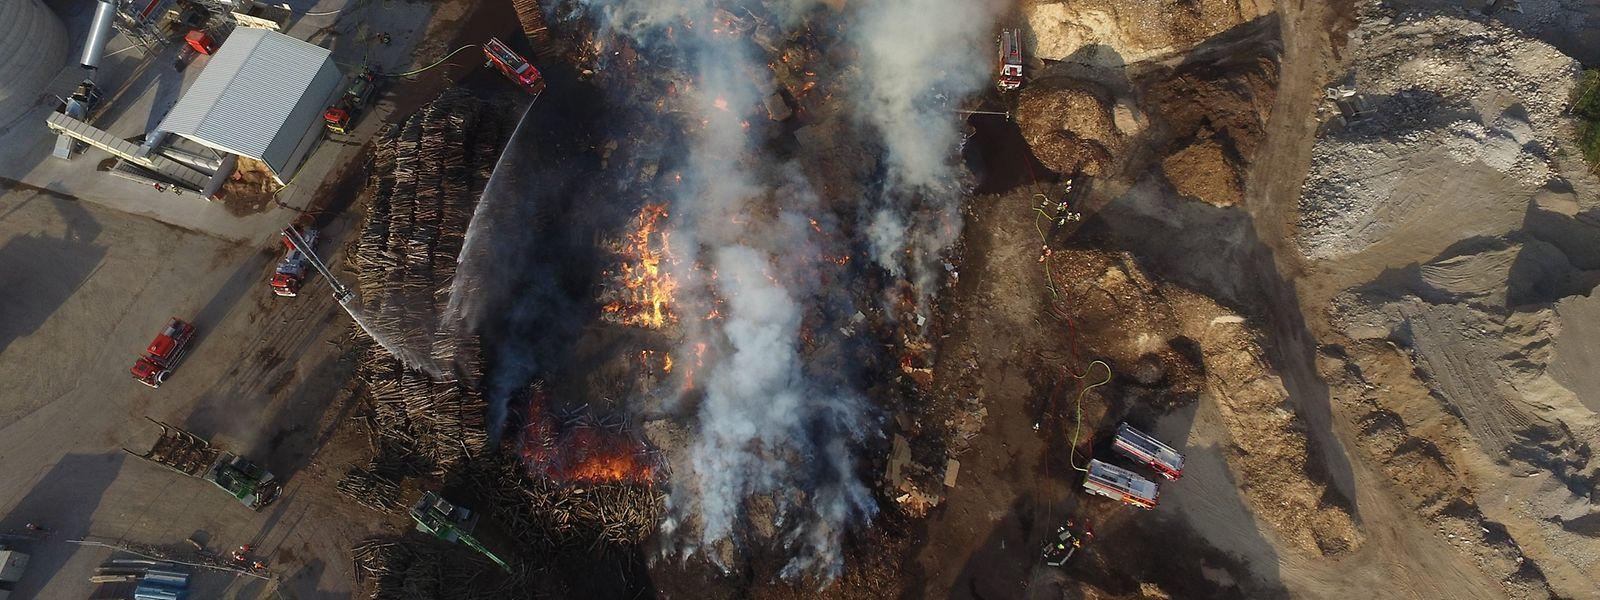 Im Sommer 2019 brauchte es mehrere Tage um den Großbrand bei Kronospan zu löschen.